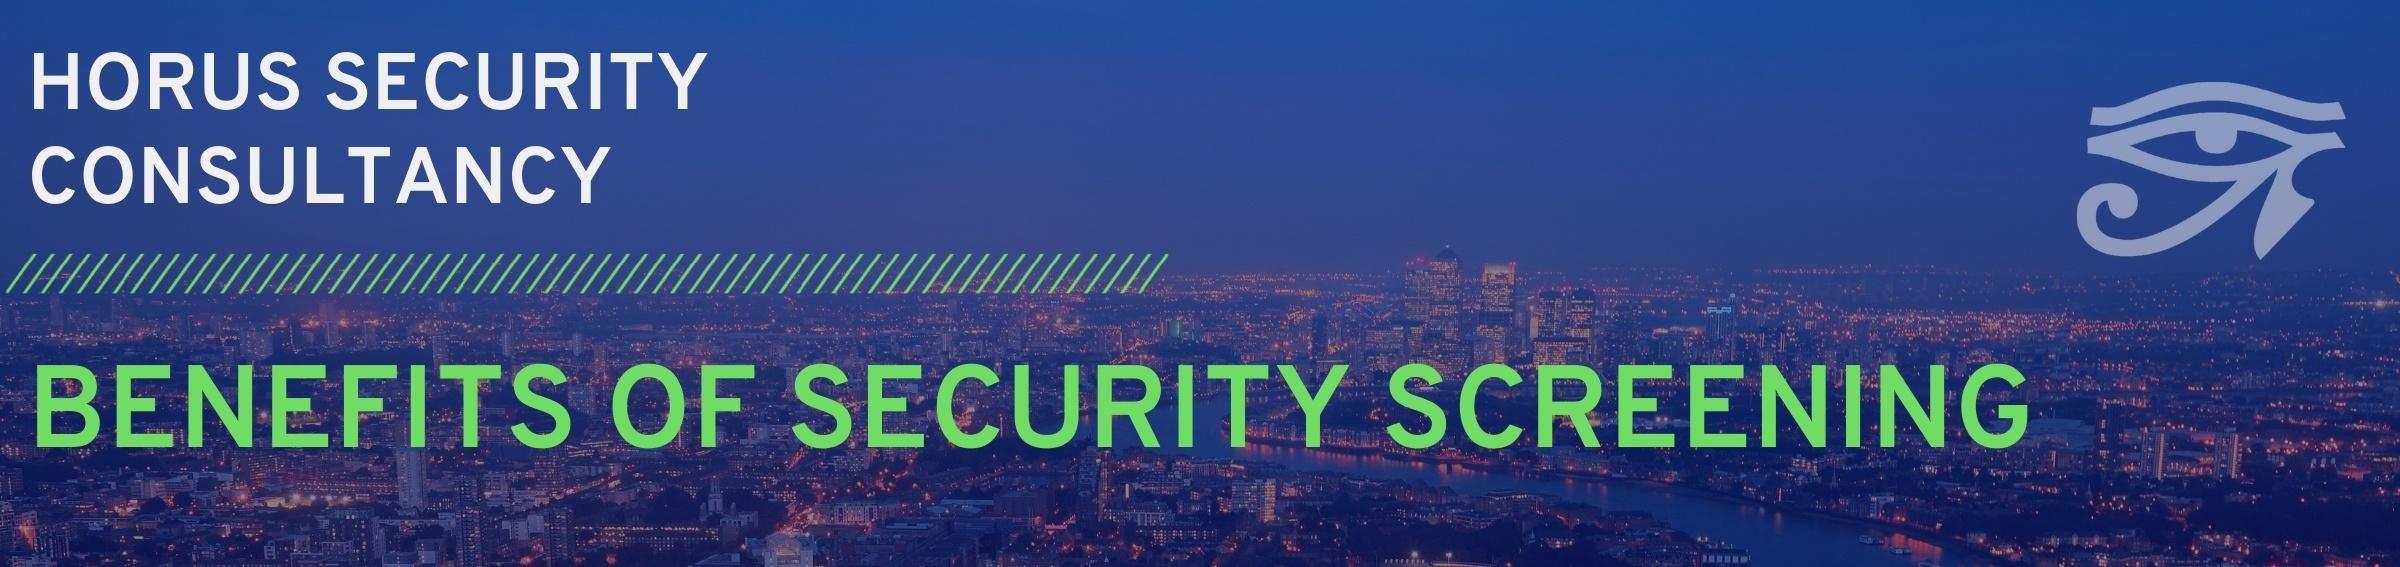 security-screening-benefits